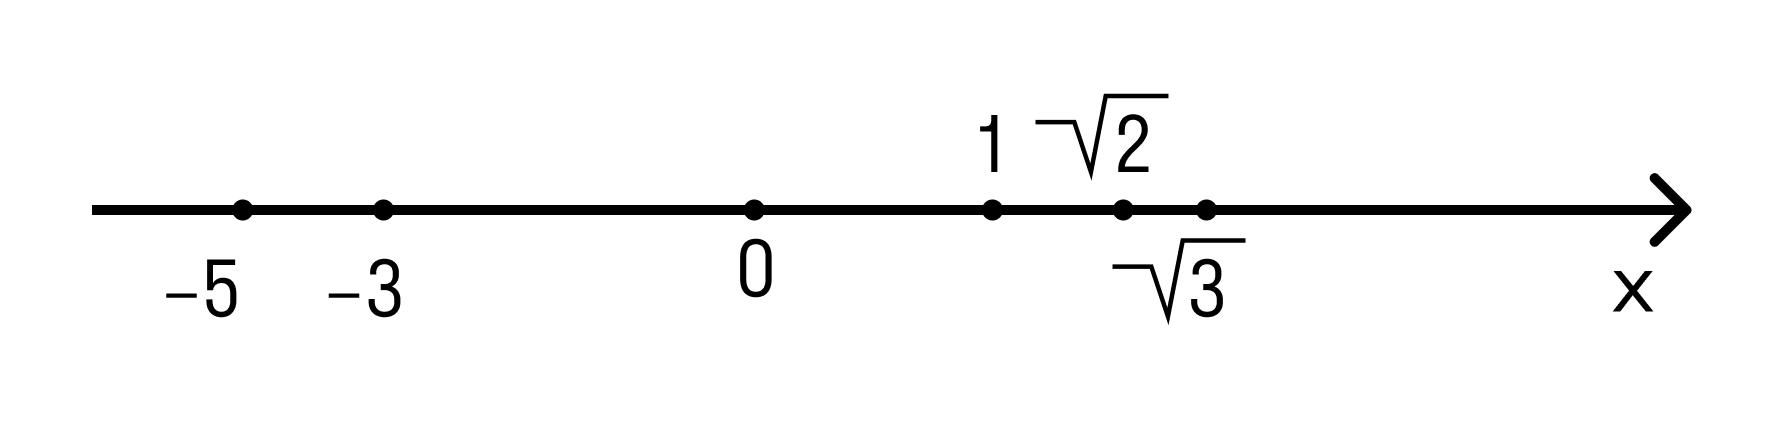 сравнения действительных чисел